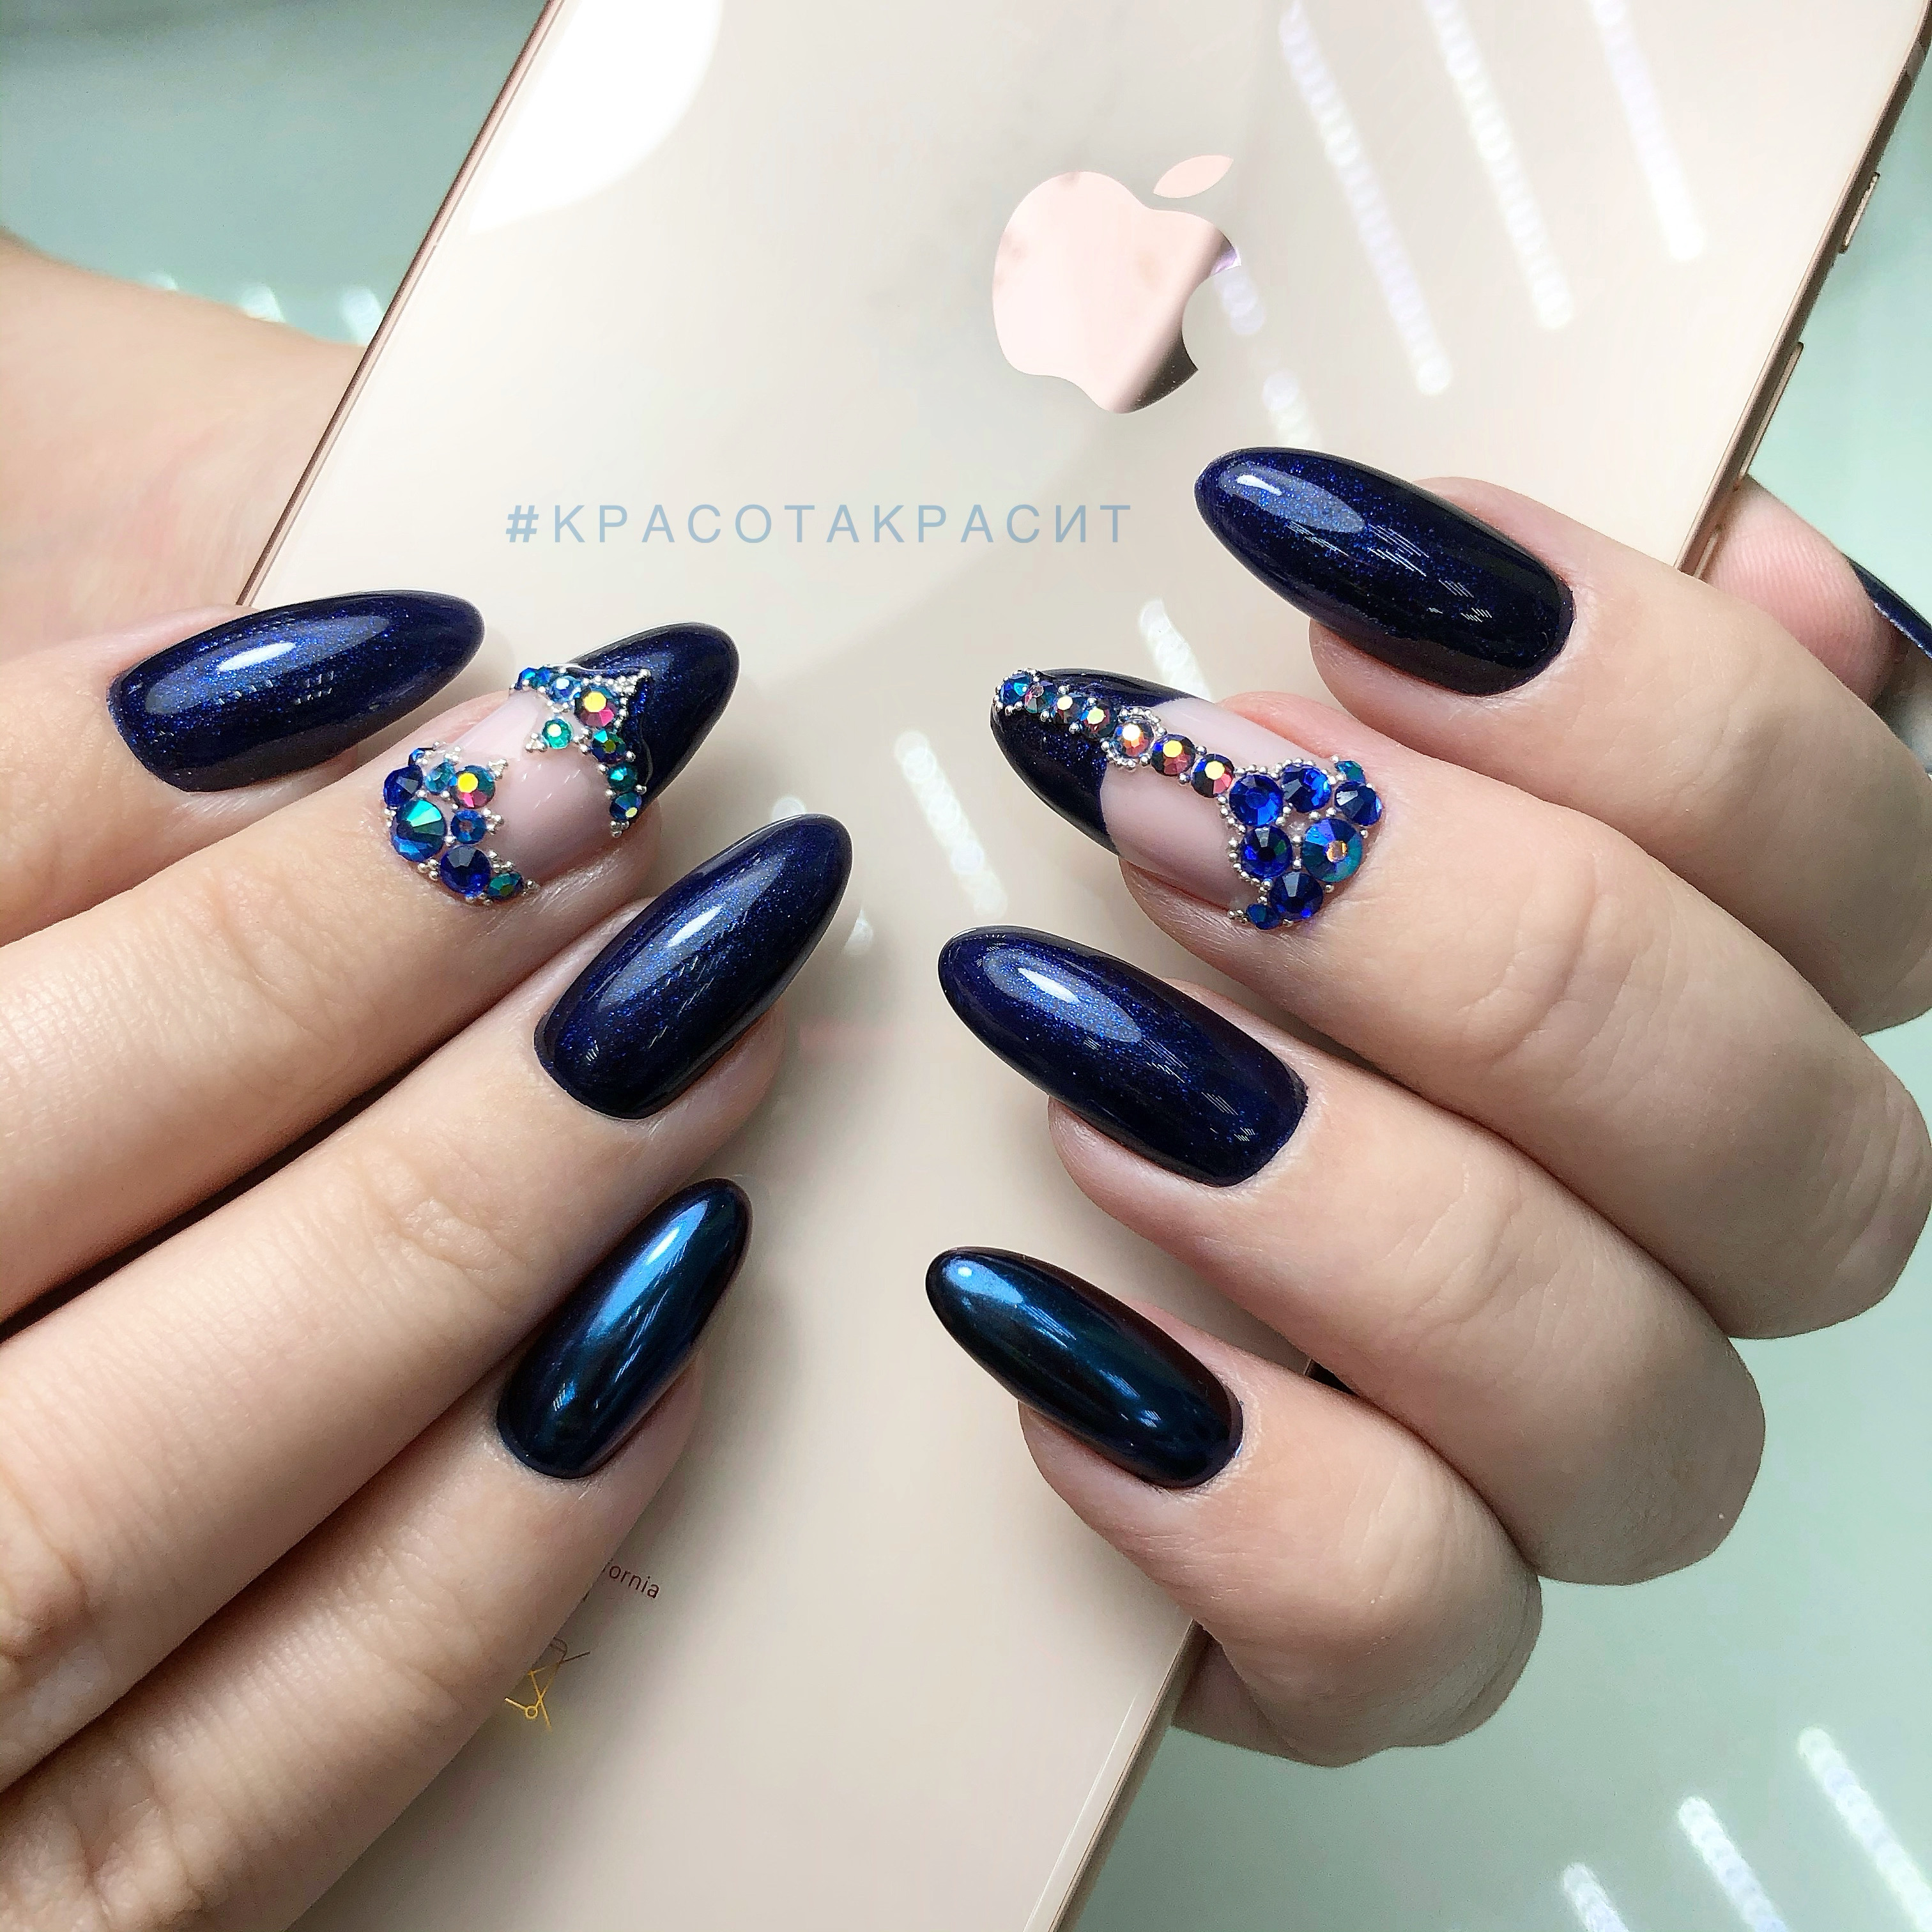 Маникюр с втиркой и стразами в темно-синем цвете на длинные ногти.